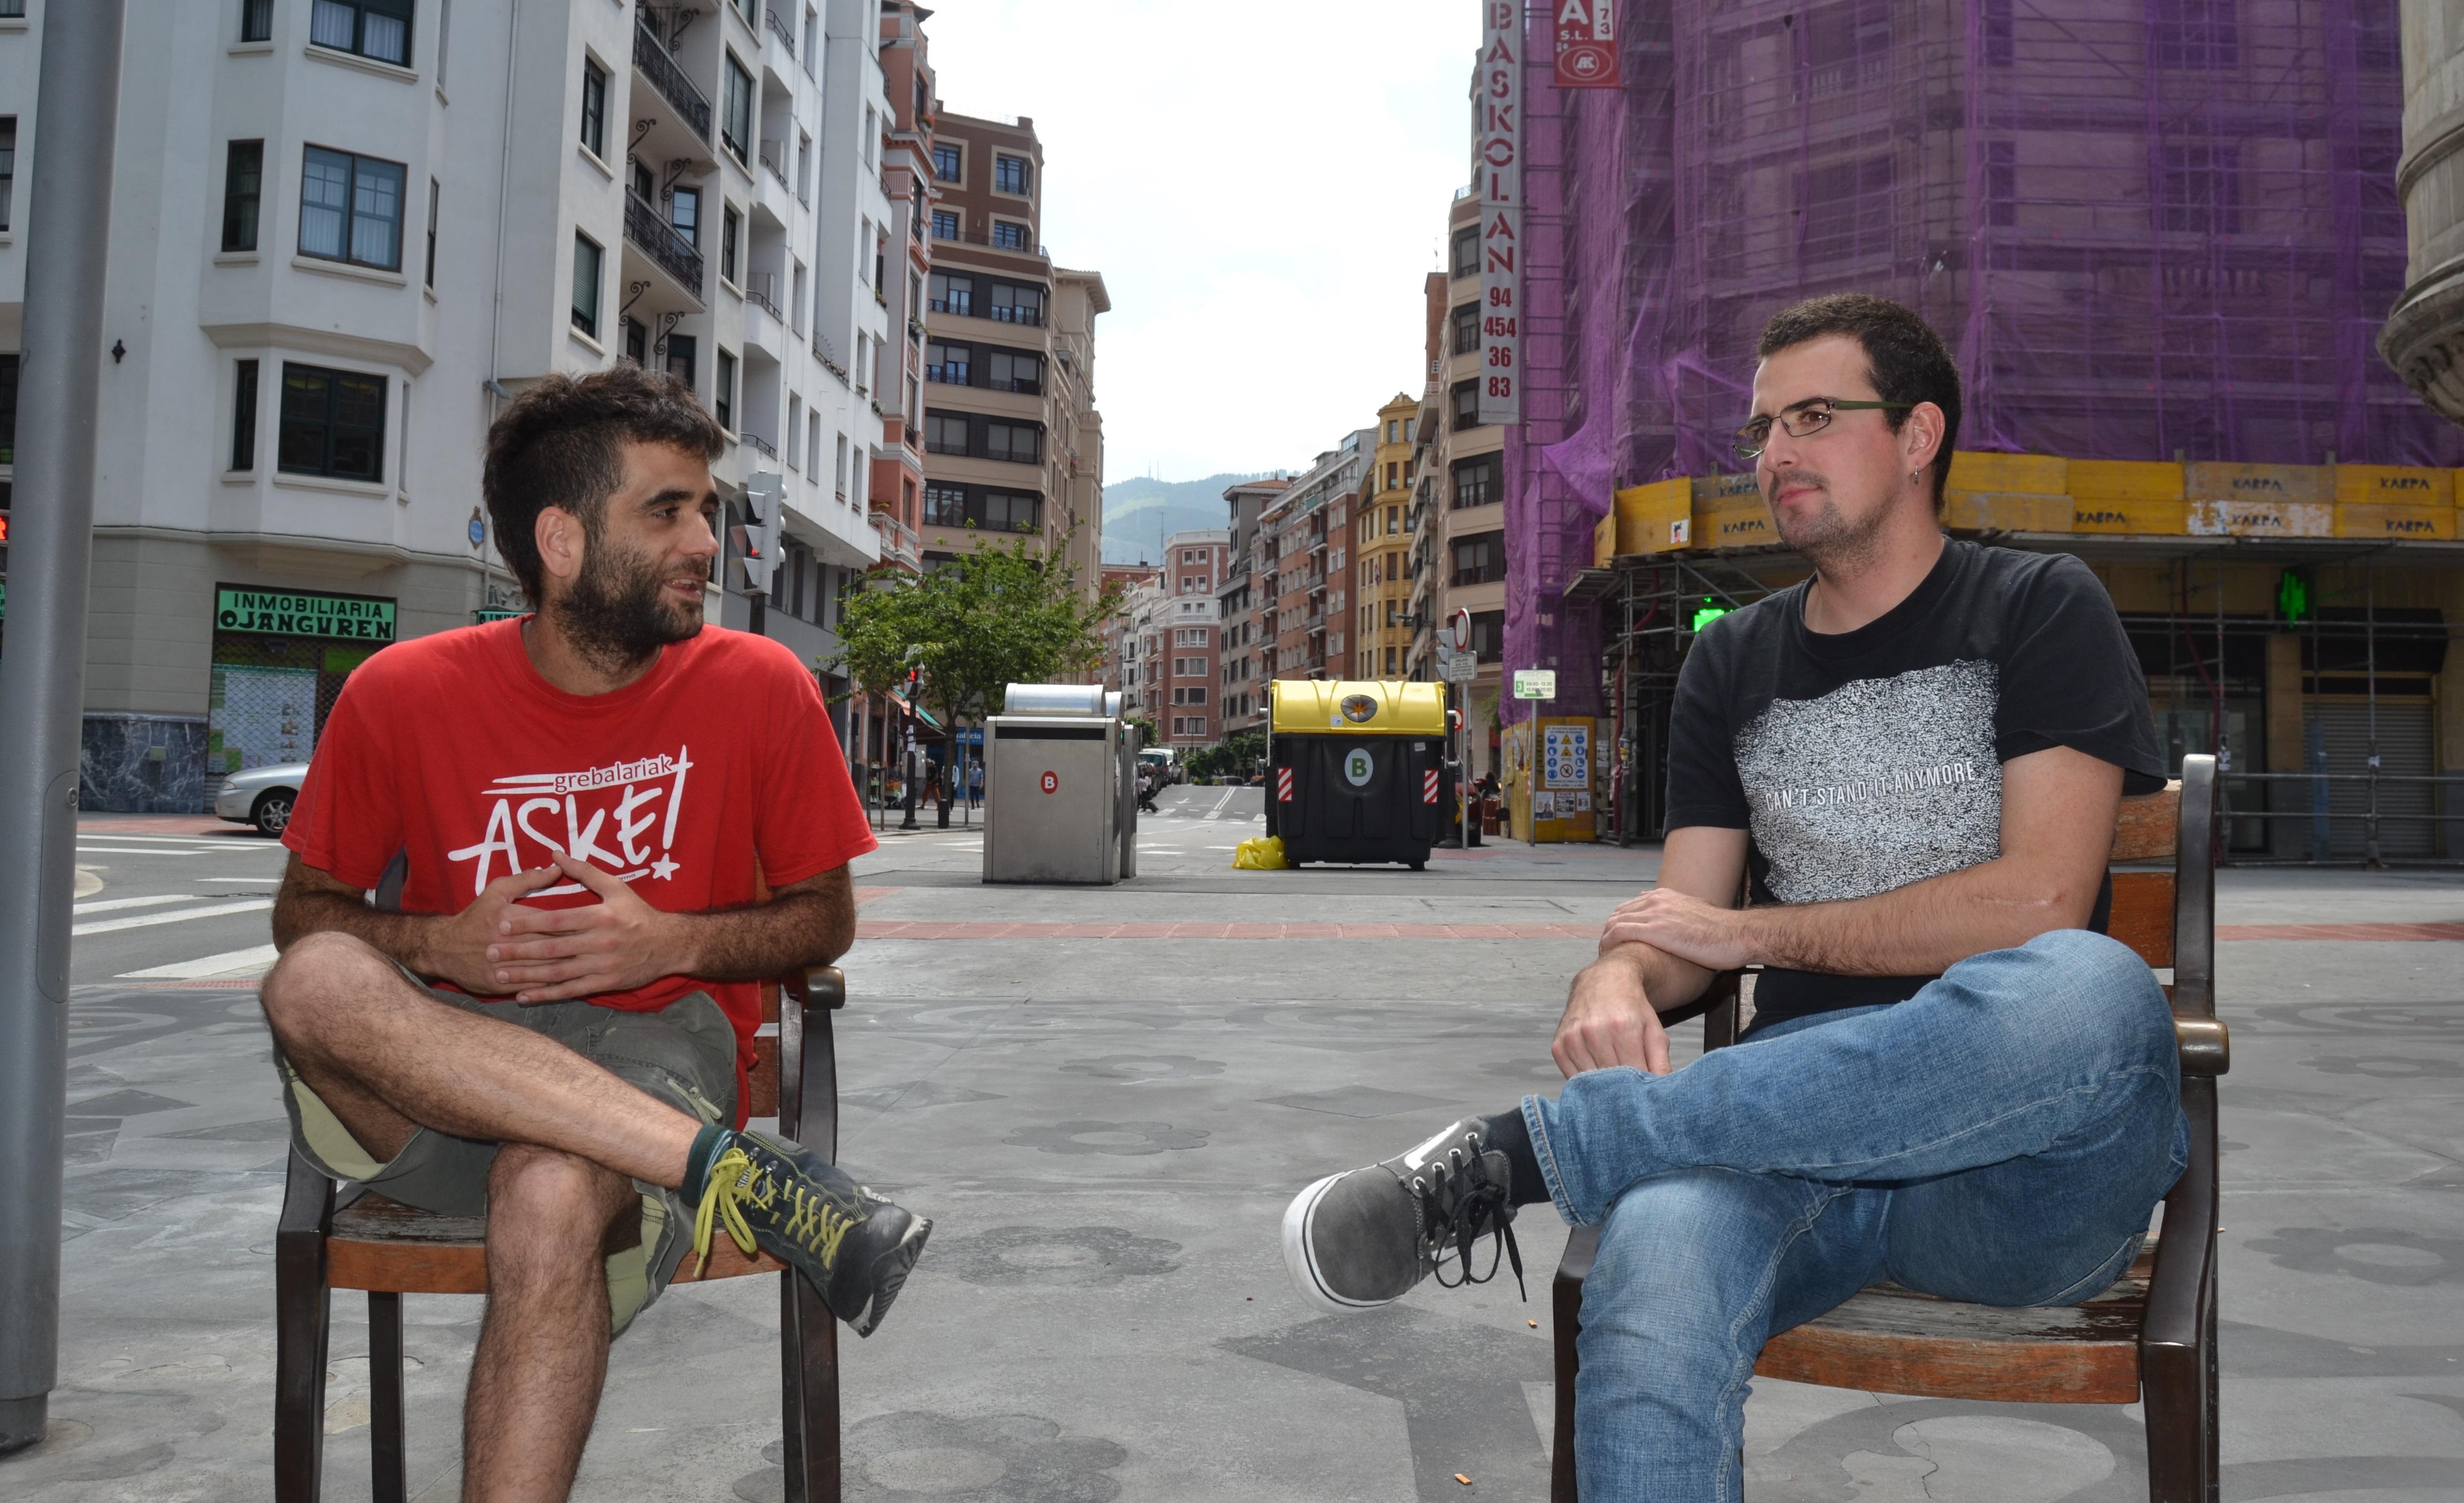 Iñigo Alonso eta Ander Bilbao, Gazteraikiko lanaren taldeko kide guztien izenean hitz egin dute astekari honekin.